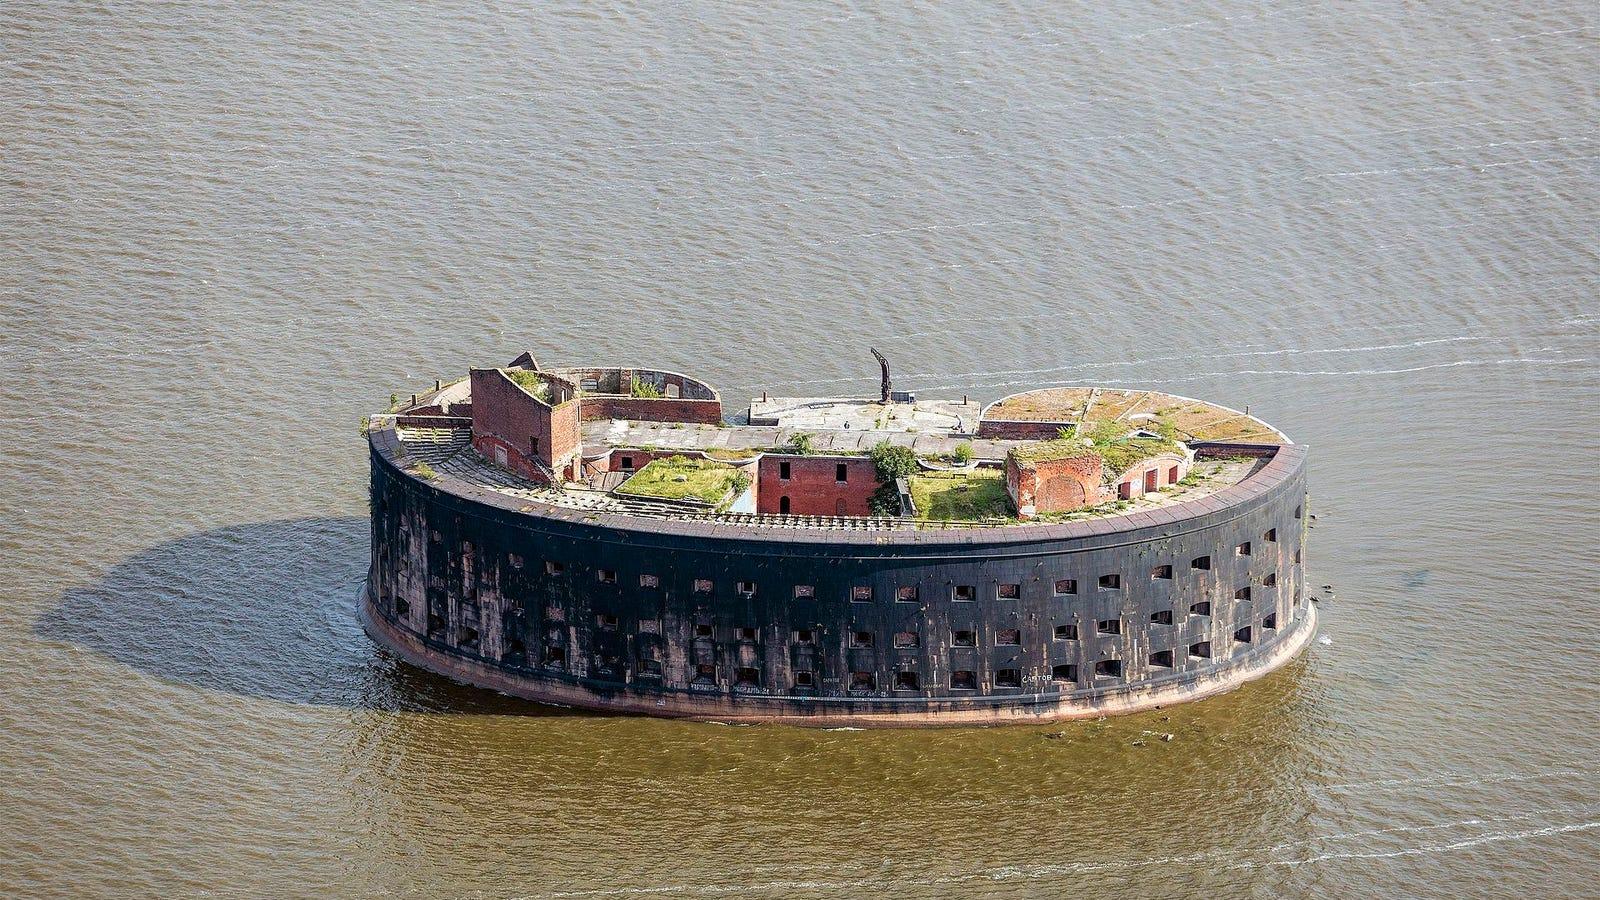 Así es Fort Alexander, la fortaleza inexpugnable rusa donde experimentaban con animales para tratar de curar la peste